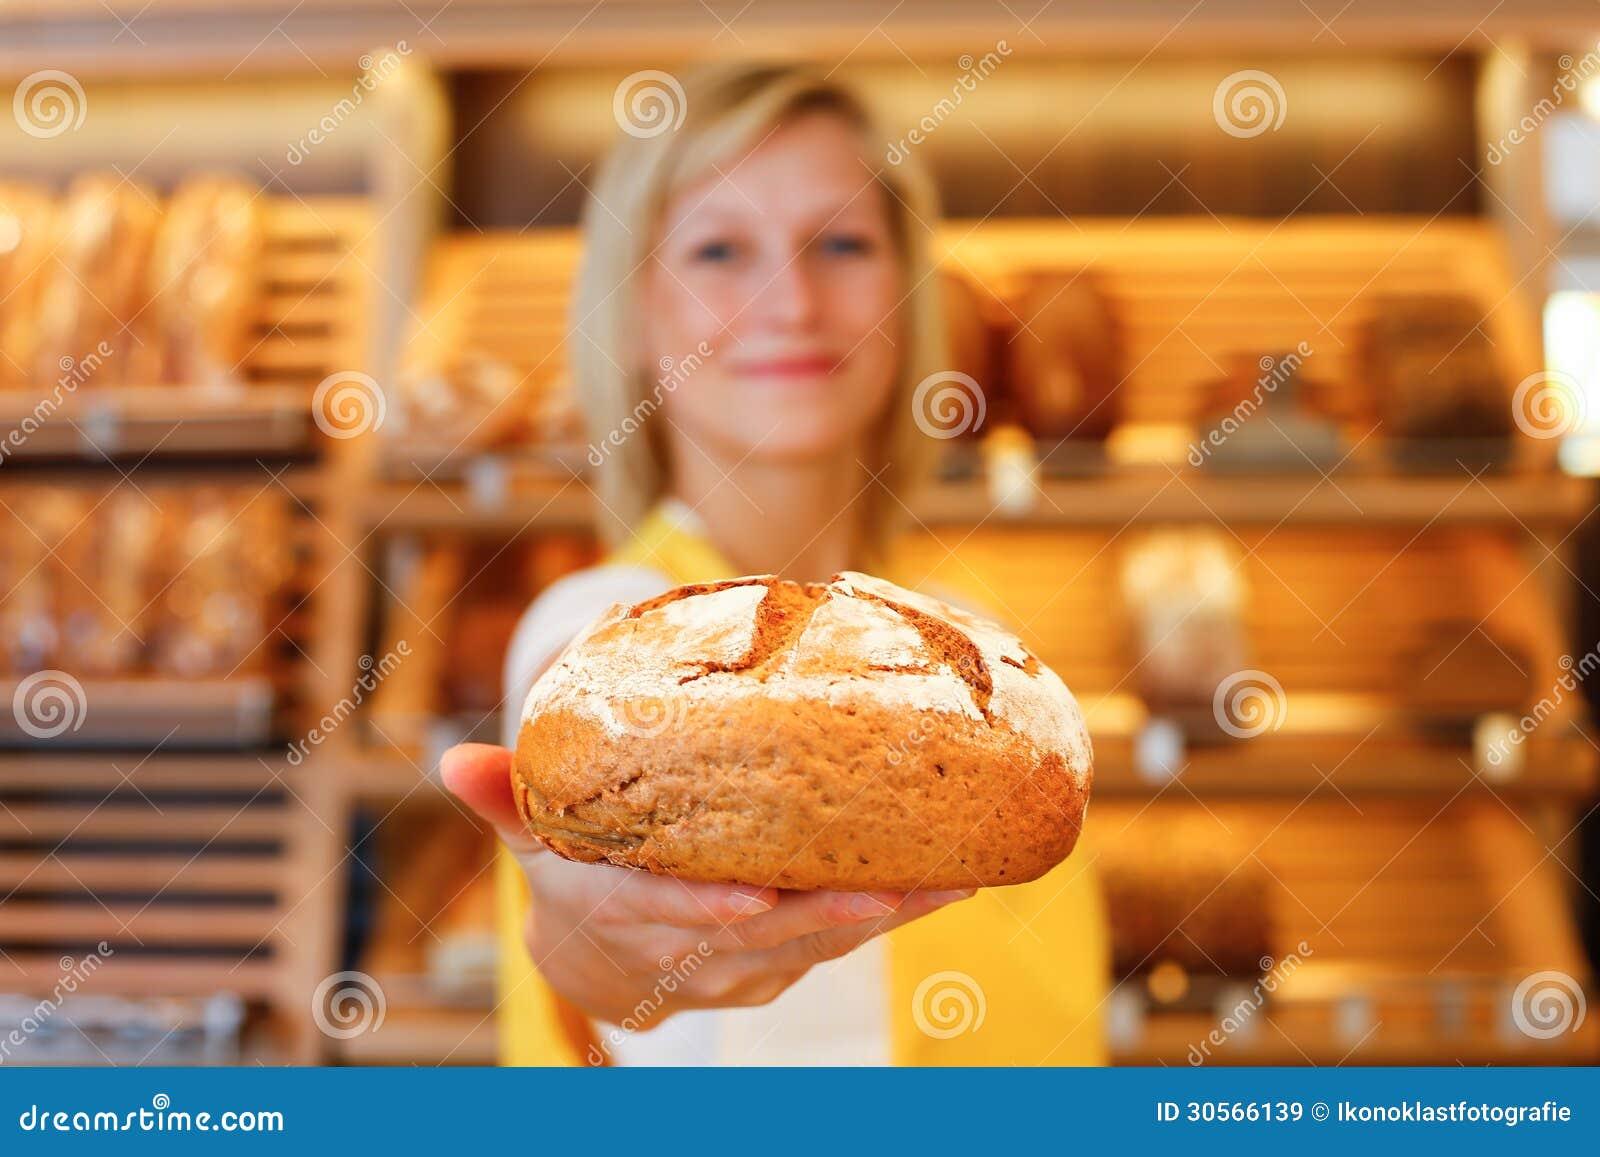 vendeuse de boulangerie avec la miche de pain image stock image 30566139. Black Bedroom Furniture Sets. Home Design Ideas